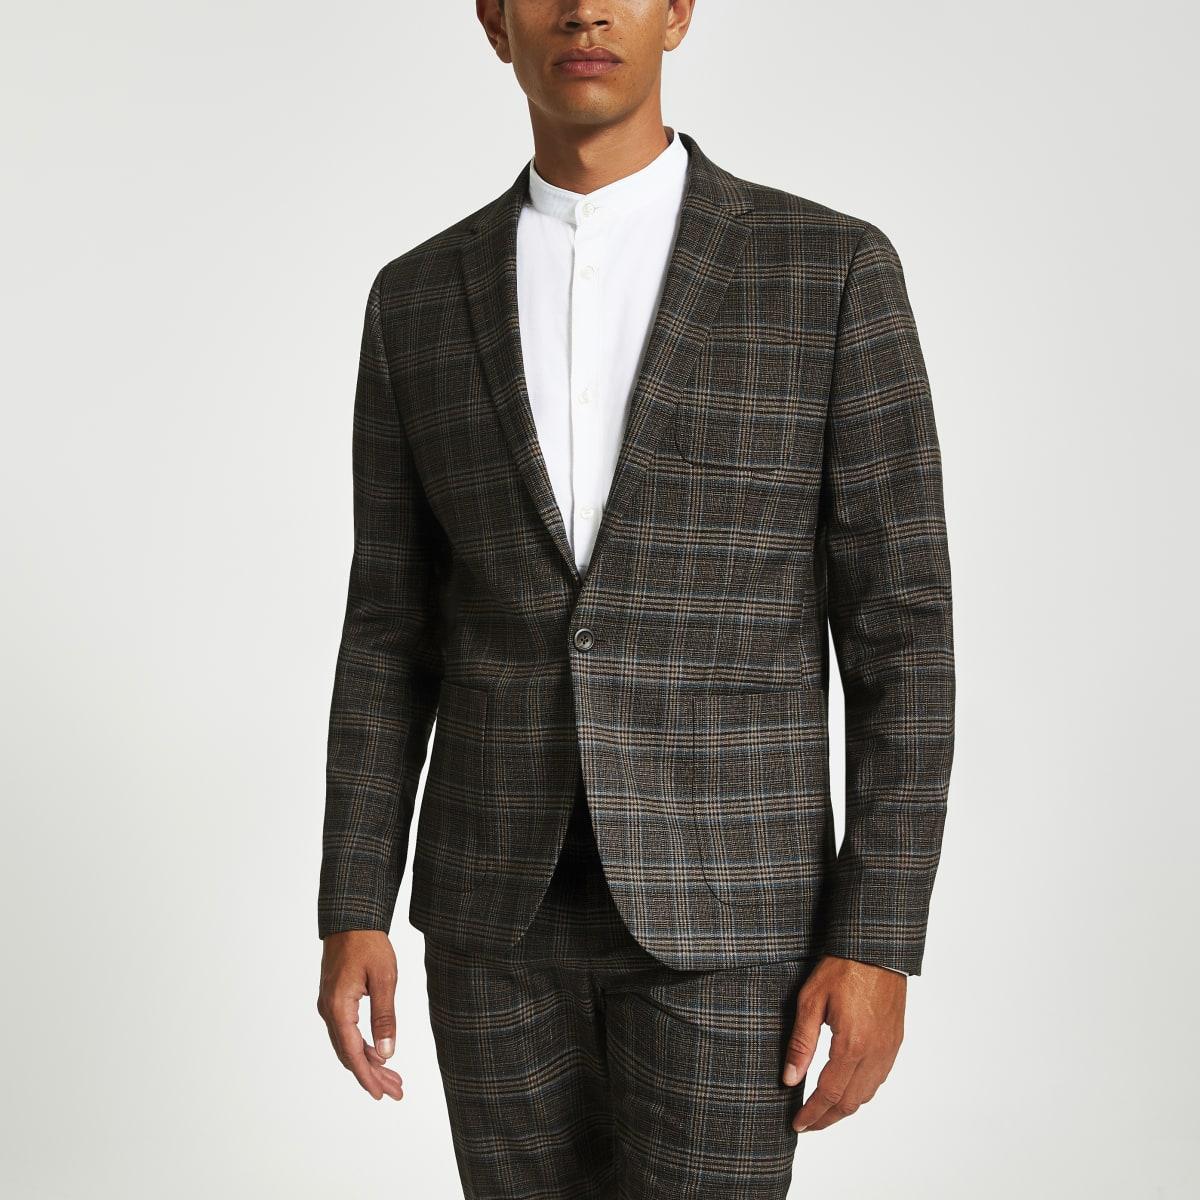 Veste de costume skinny à carreaux marron classique